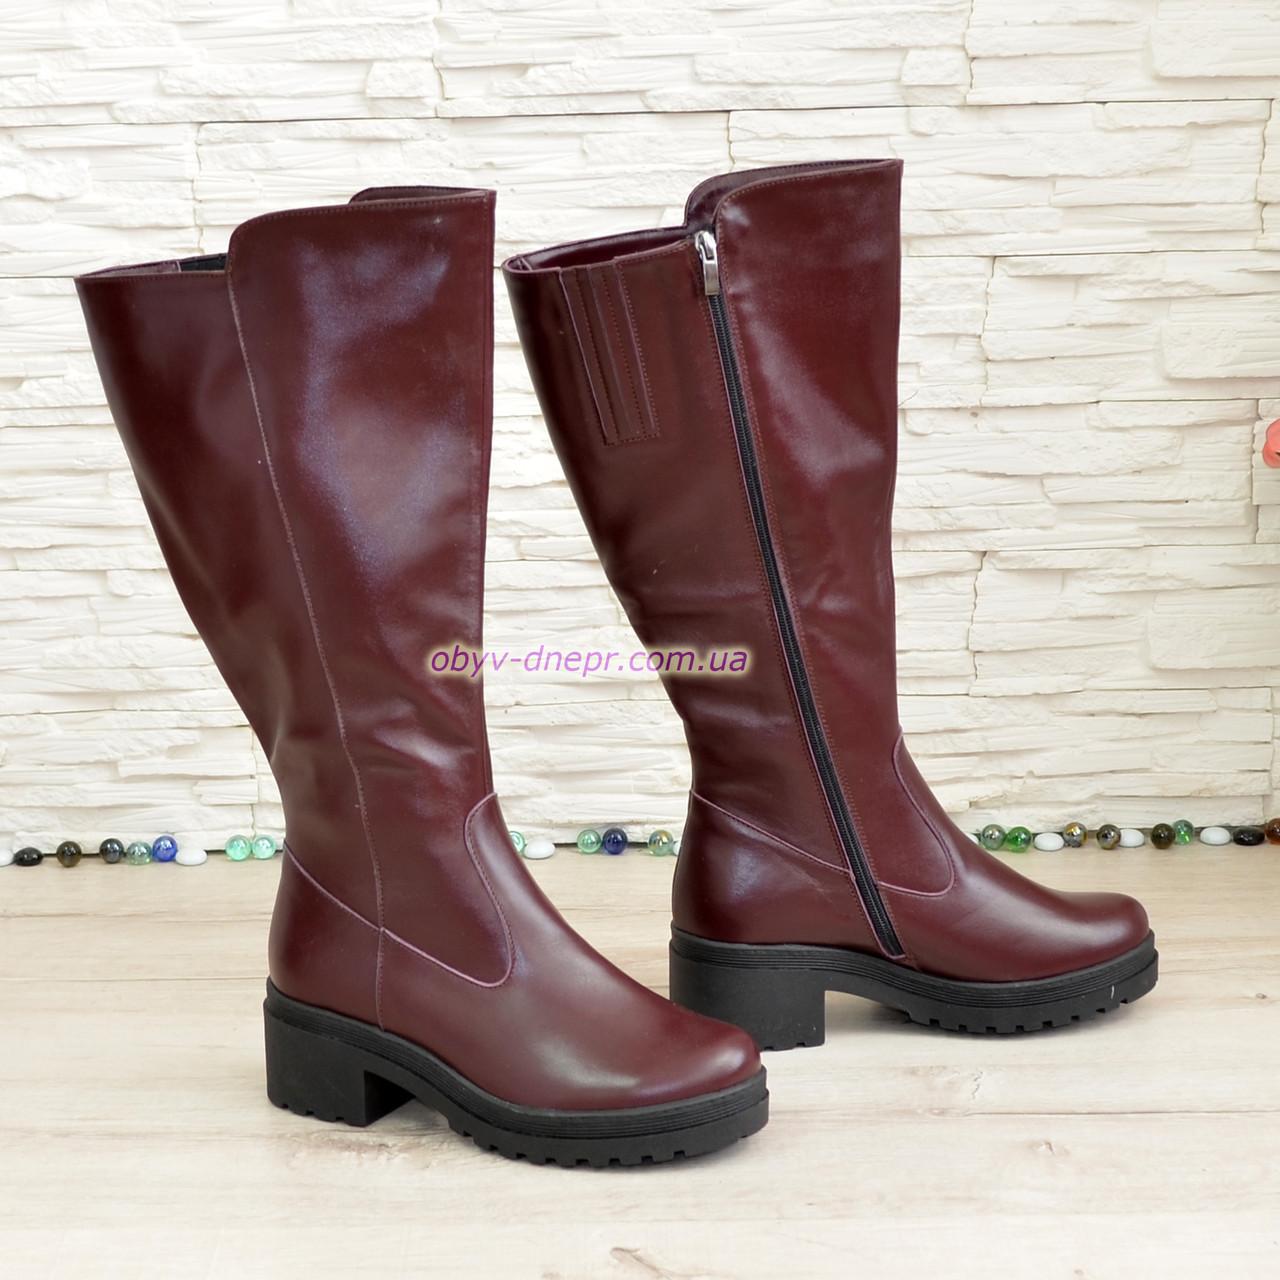 Сапоги женские кожаные демисезонные на невысоком устойчивом каблуке